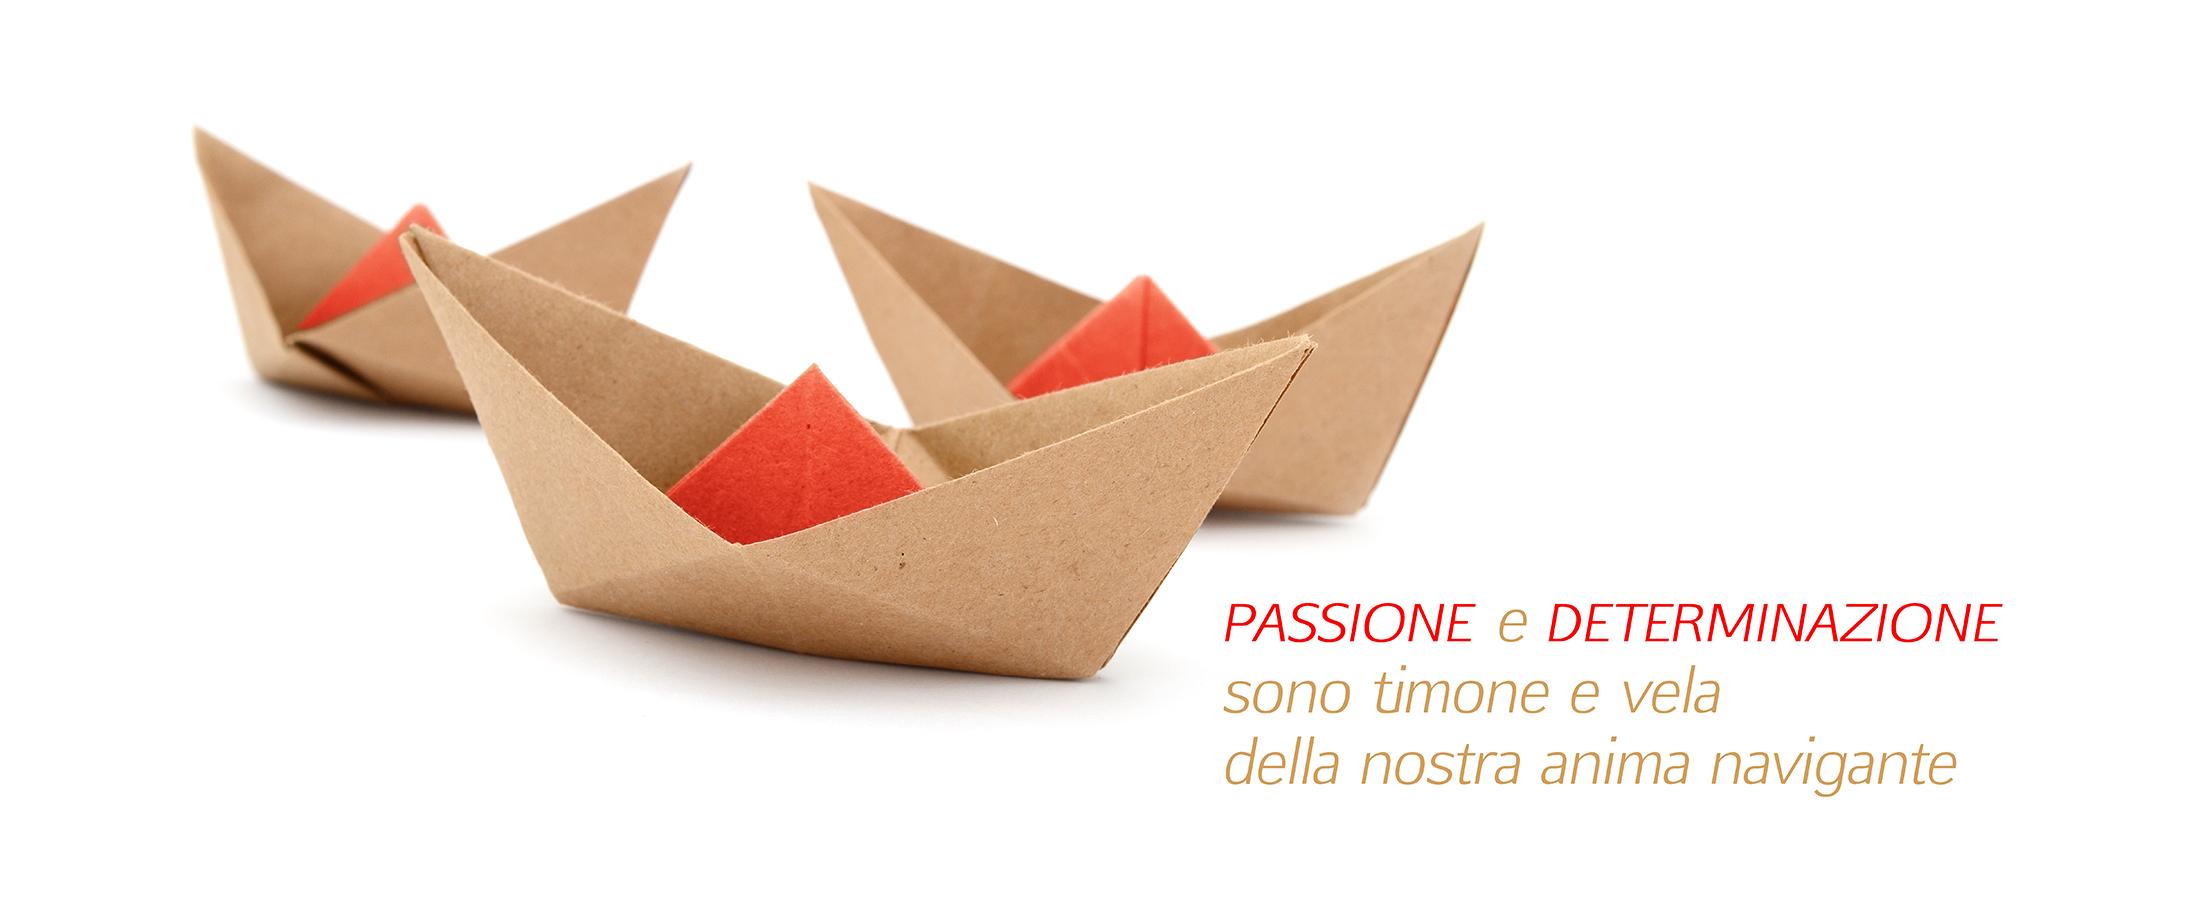 lampa_packaging_chi-siamo_passione_2200x900